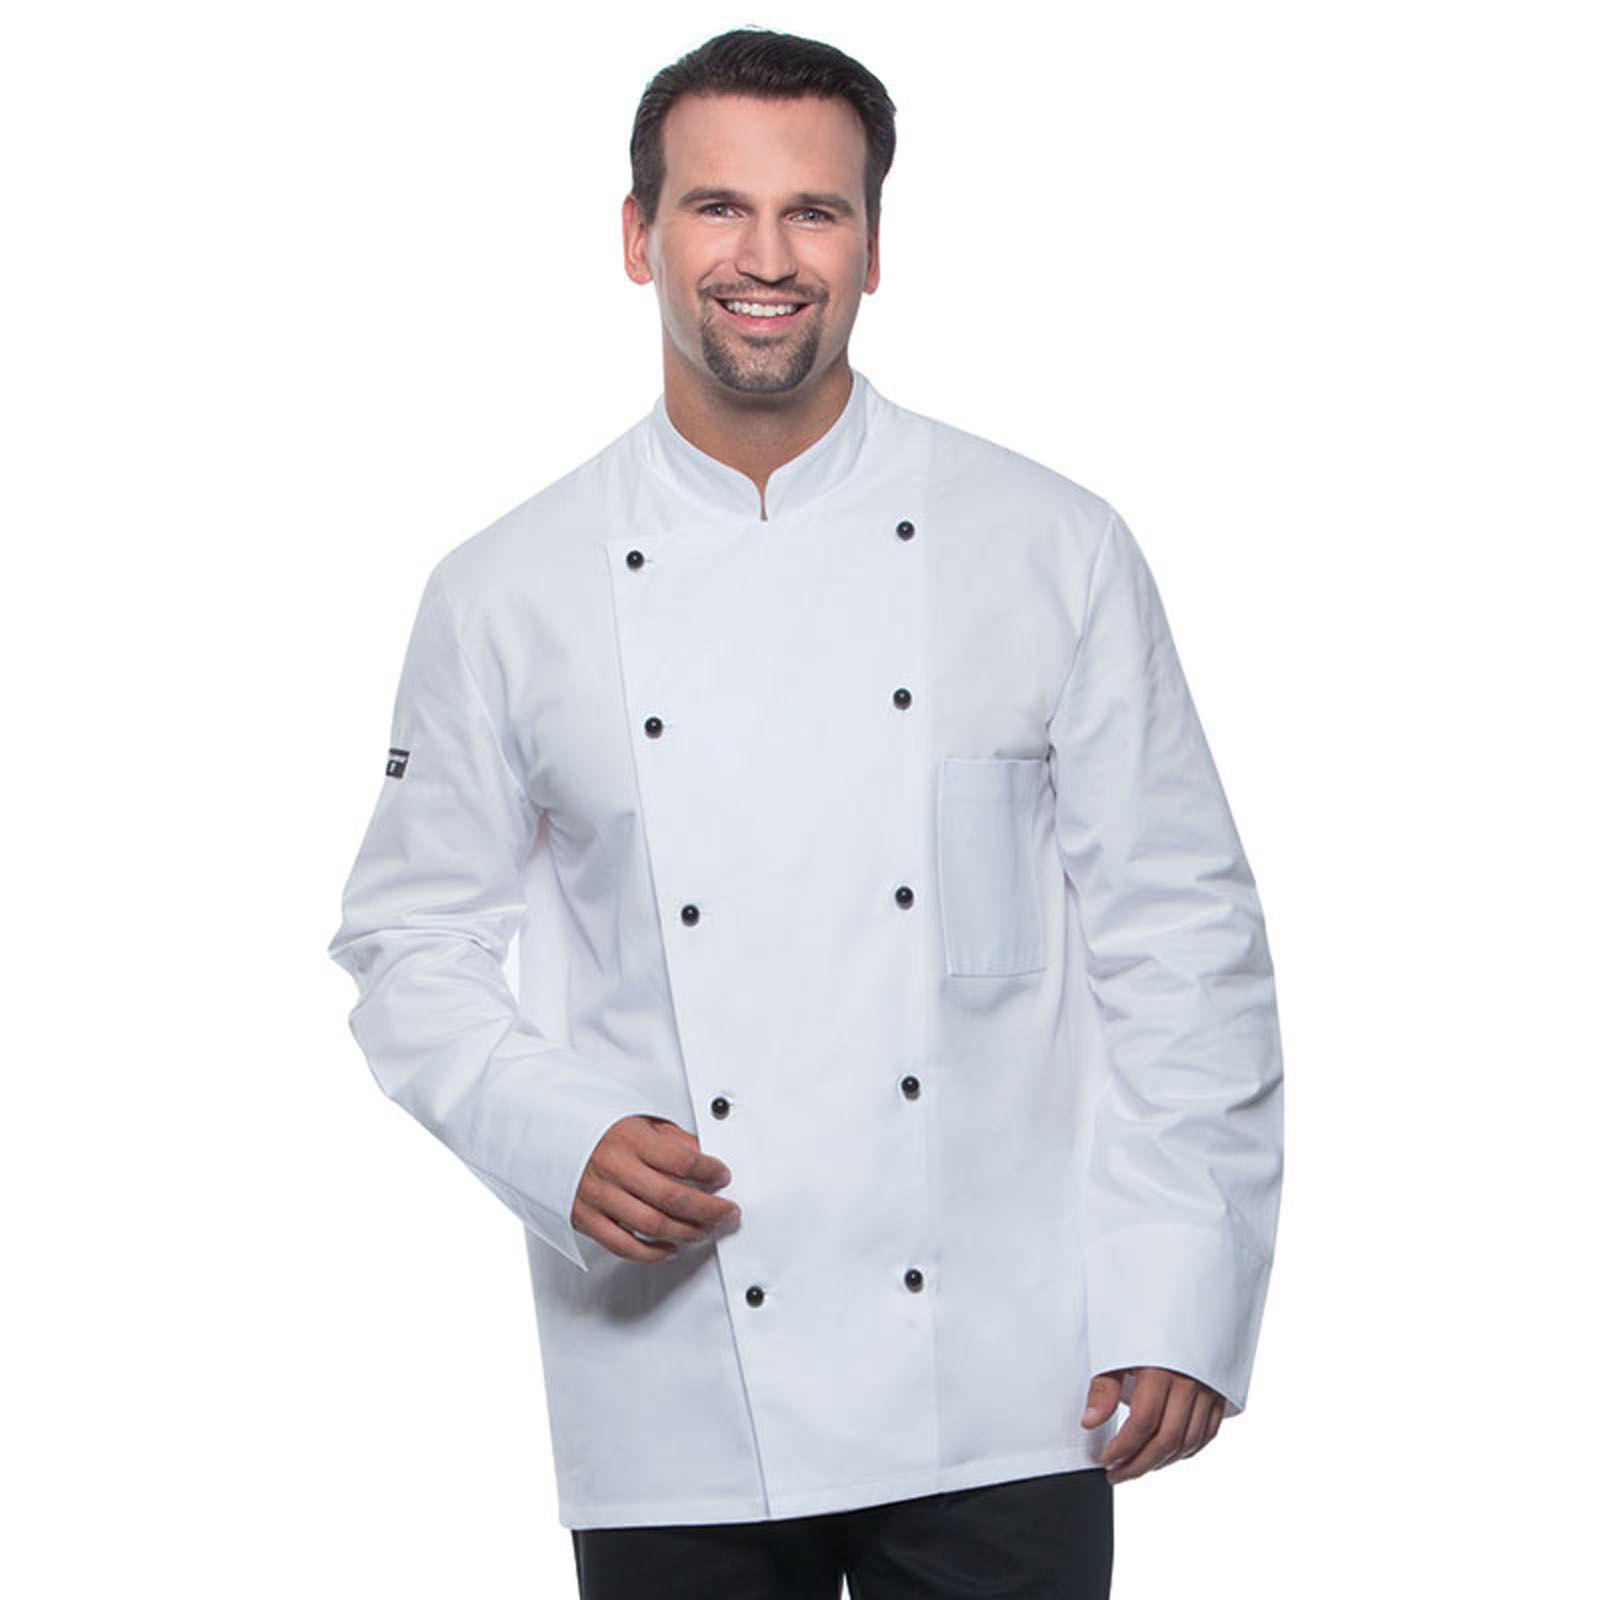 veste de cuisine personnalisable - le agathe - veste ... - Veste De Cuisine Personnalisee